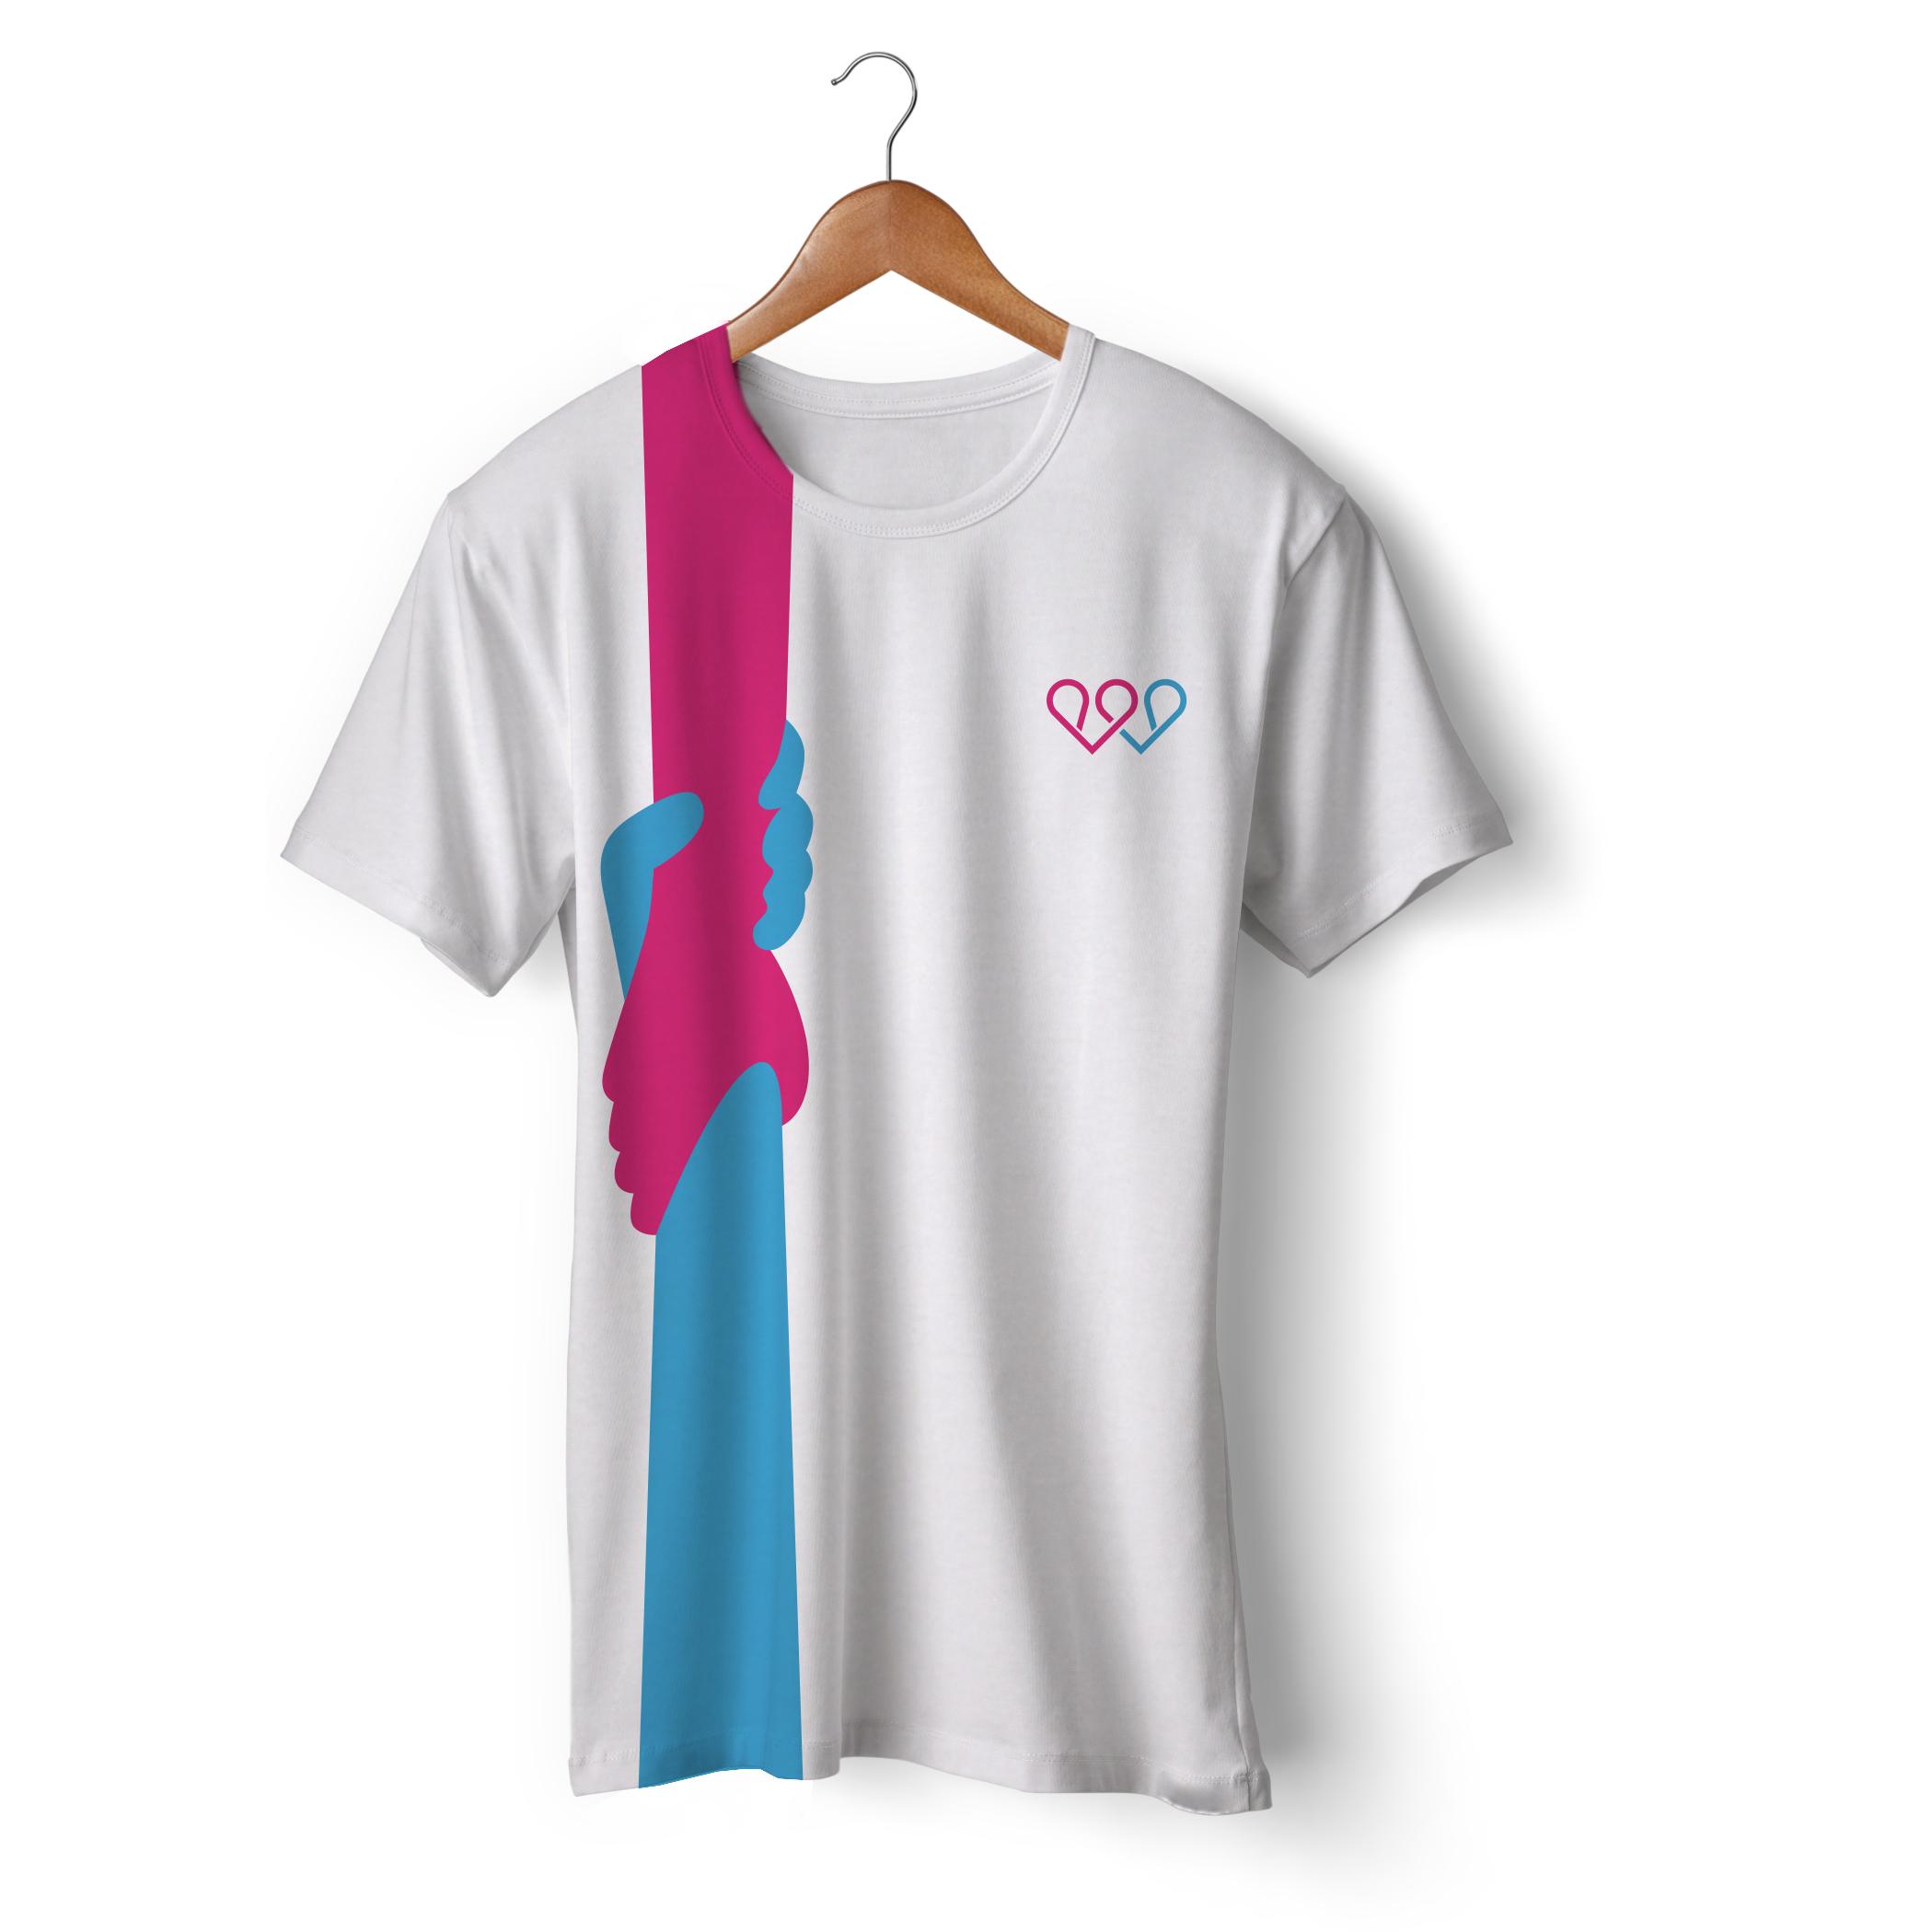 Hoje E A todo o momento Nosso Jogo De Conscientização Da Acessibilidade Está Presente camisa-out-nov-icc-branca